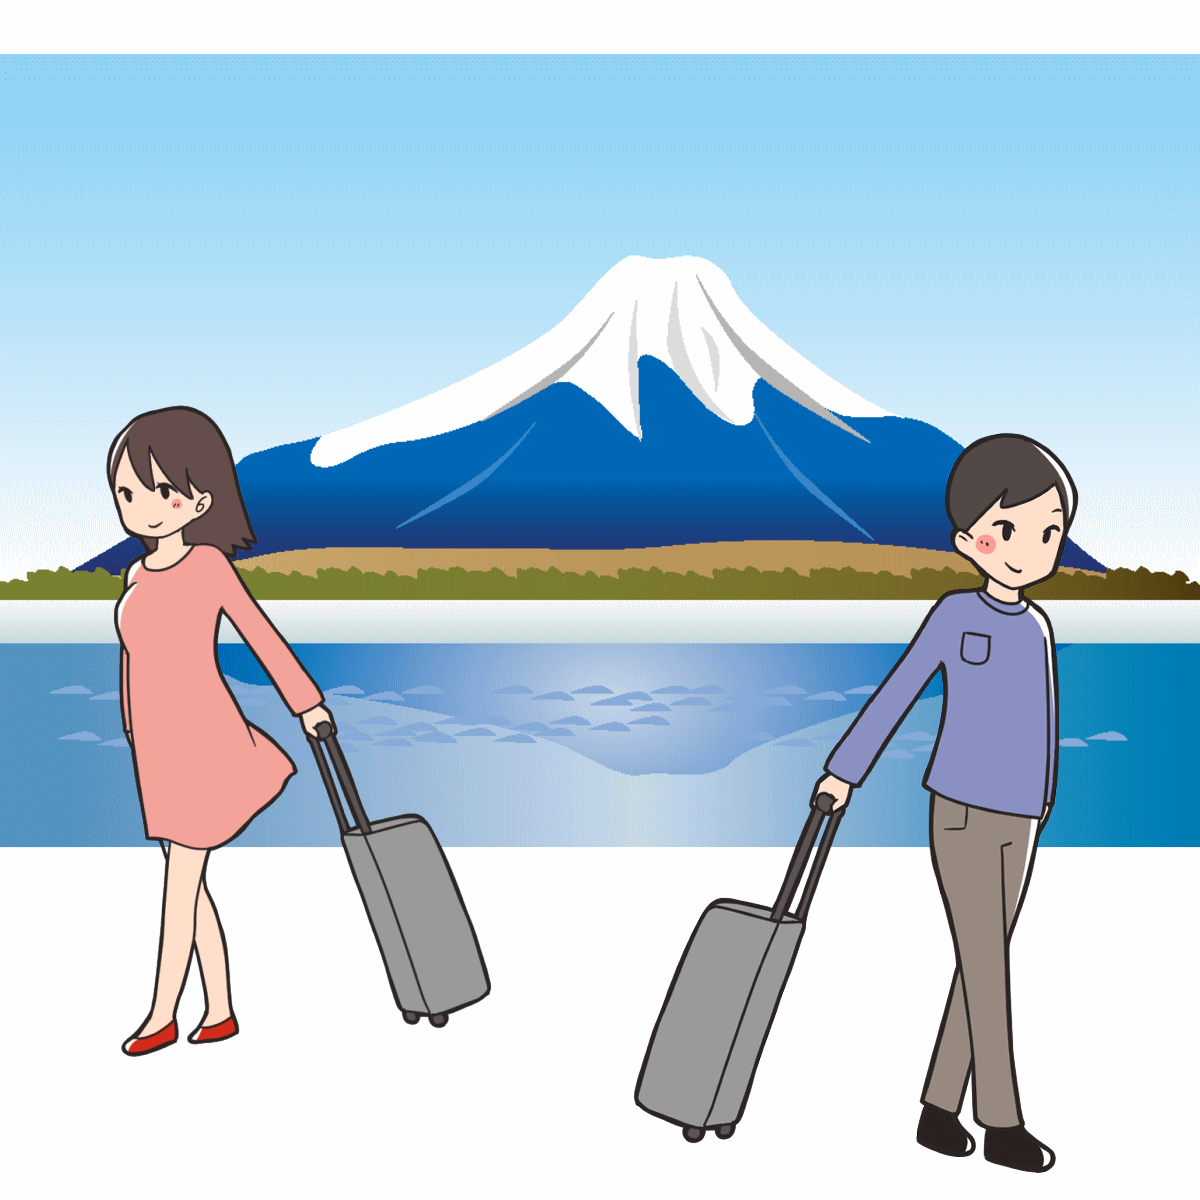 伊豆半島を旅行している様子を表しているイラスト